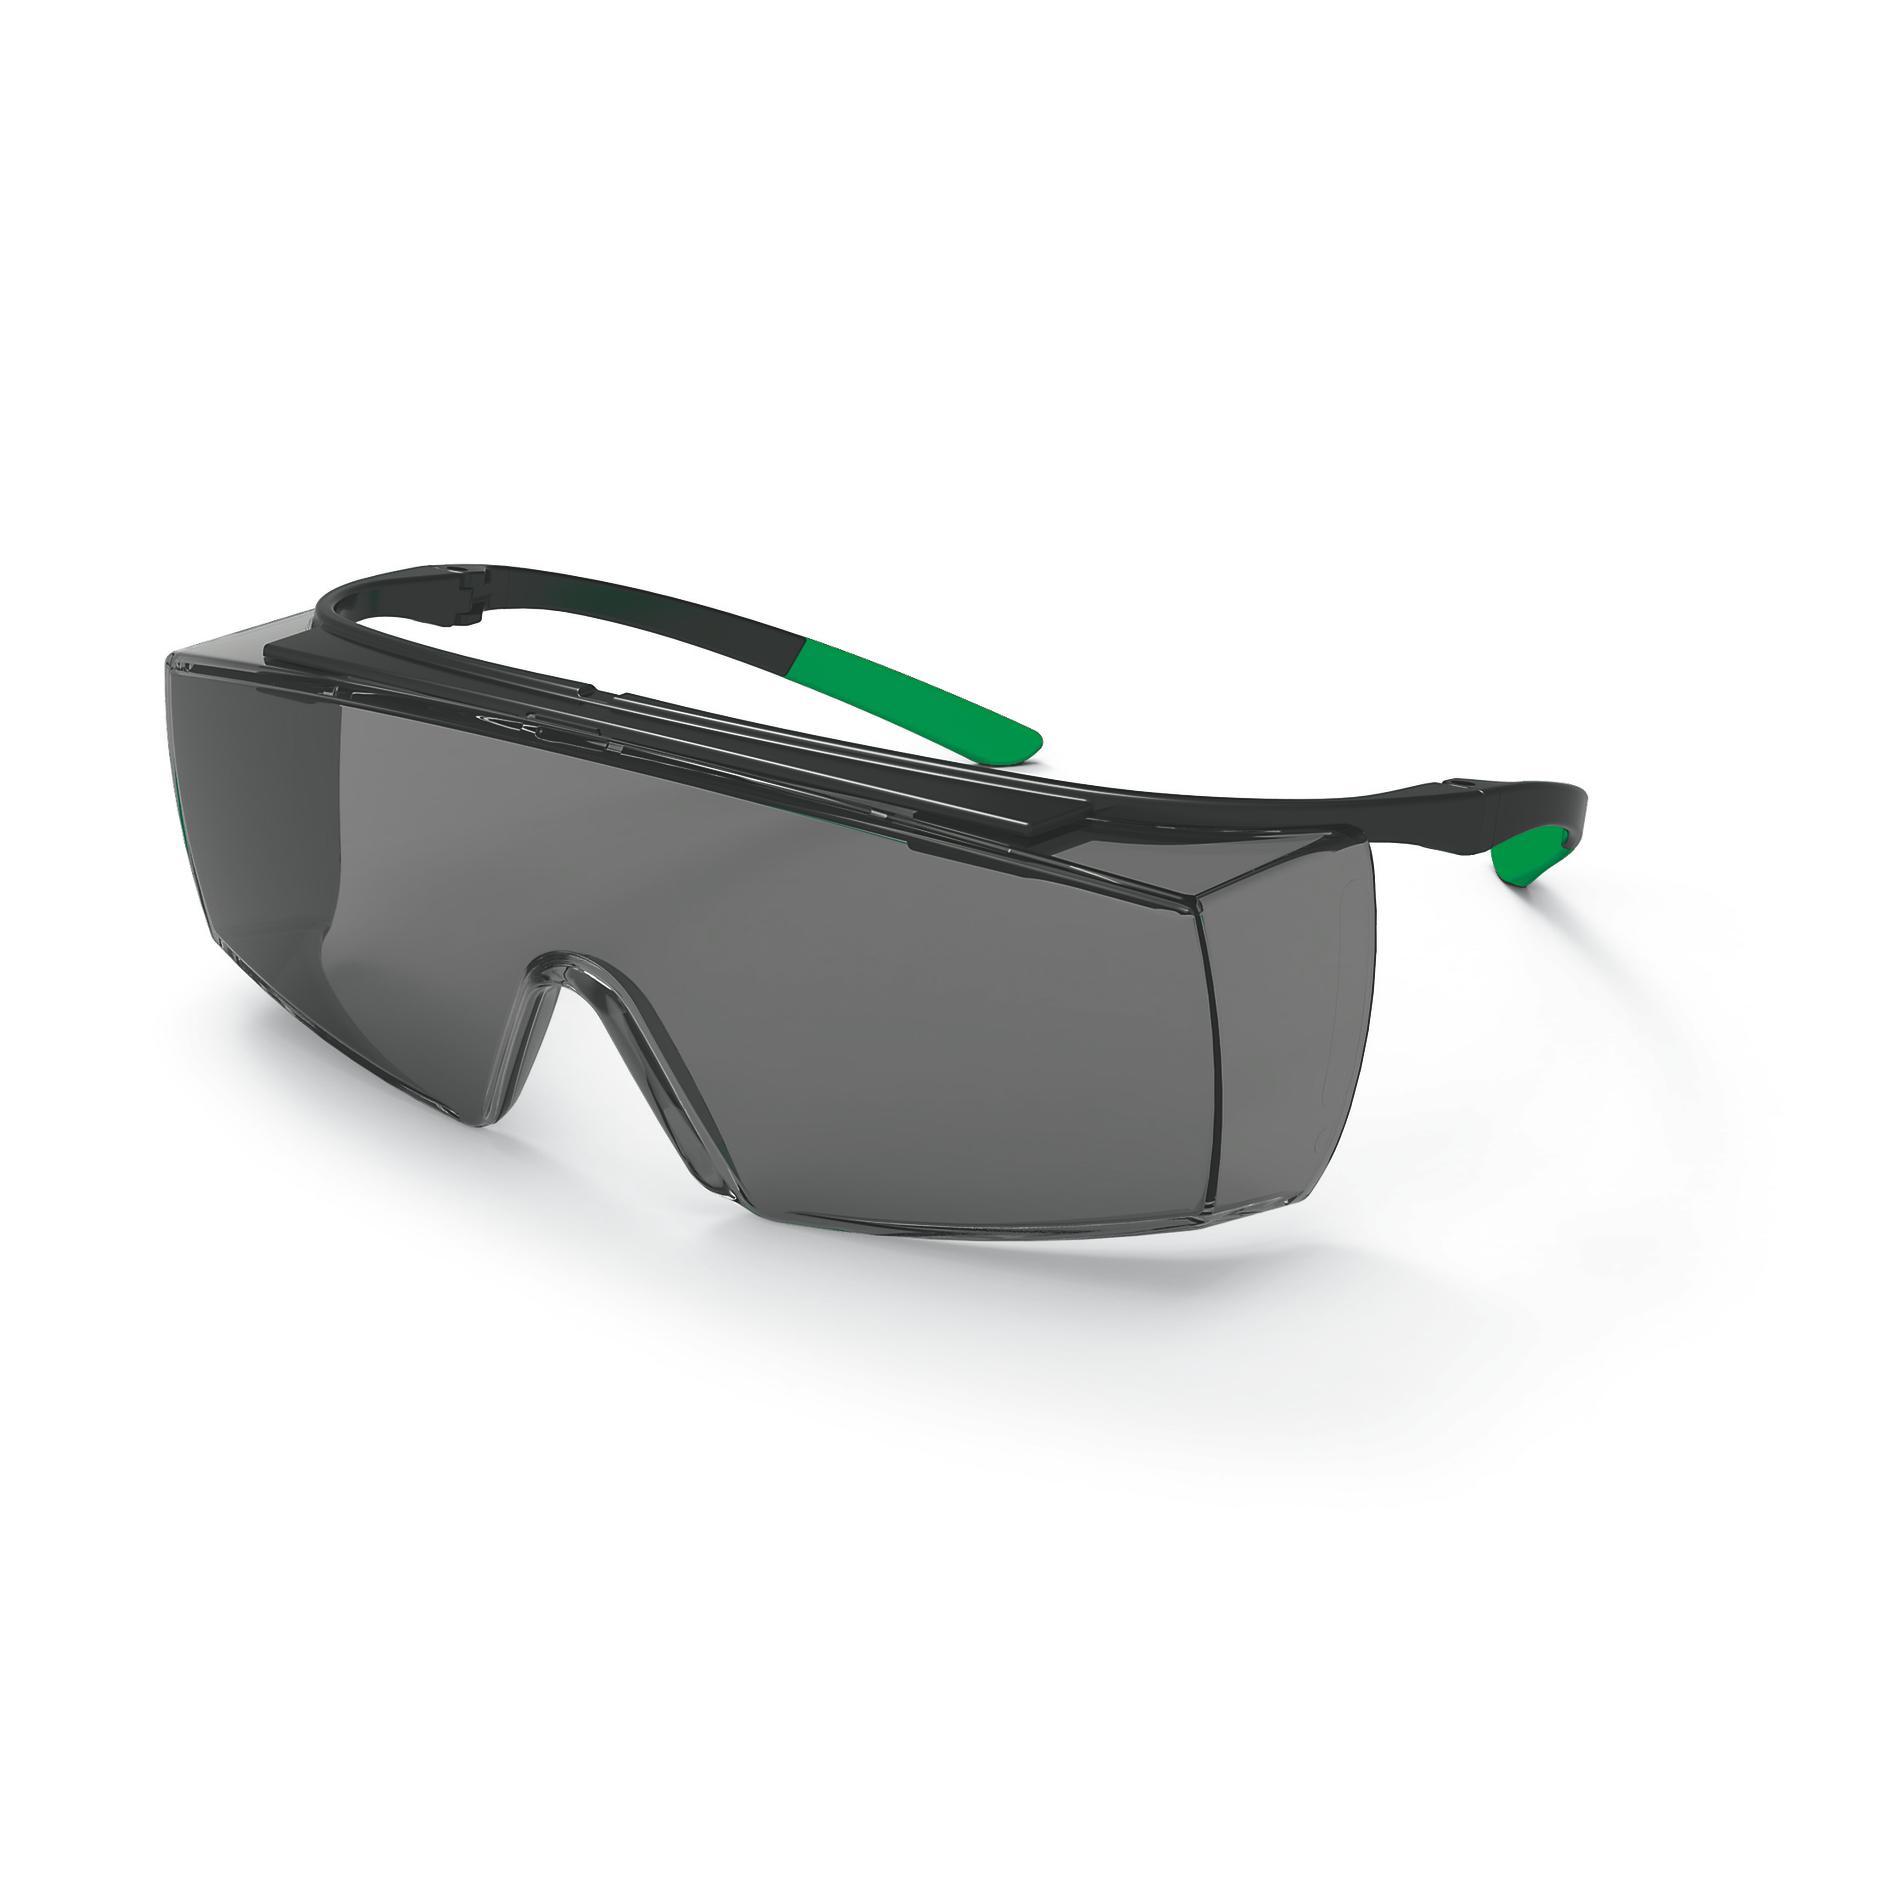 Lunettes de protection uvex super f OTG pour soudeurs   Protection des yeux    uvex safety cb288f19d920